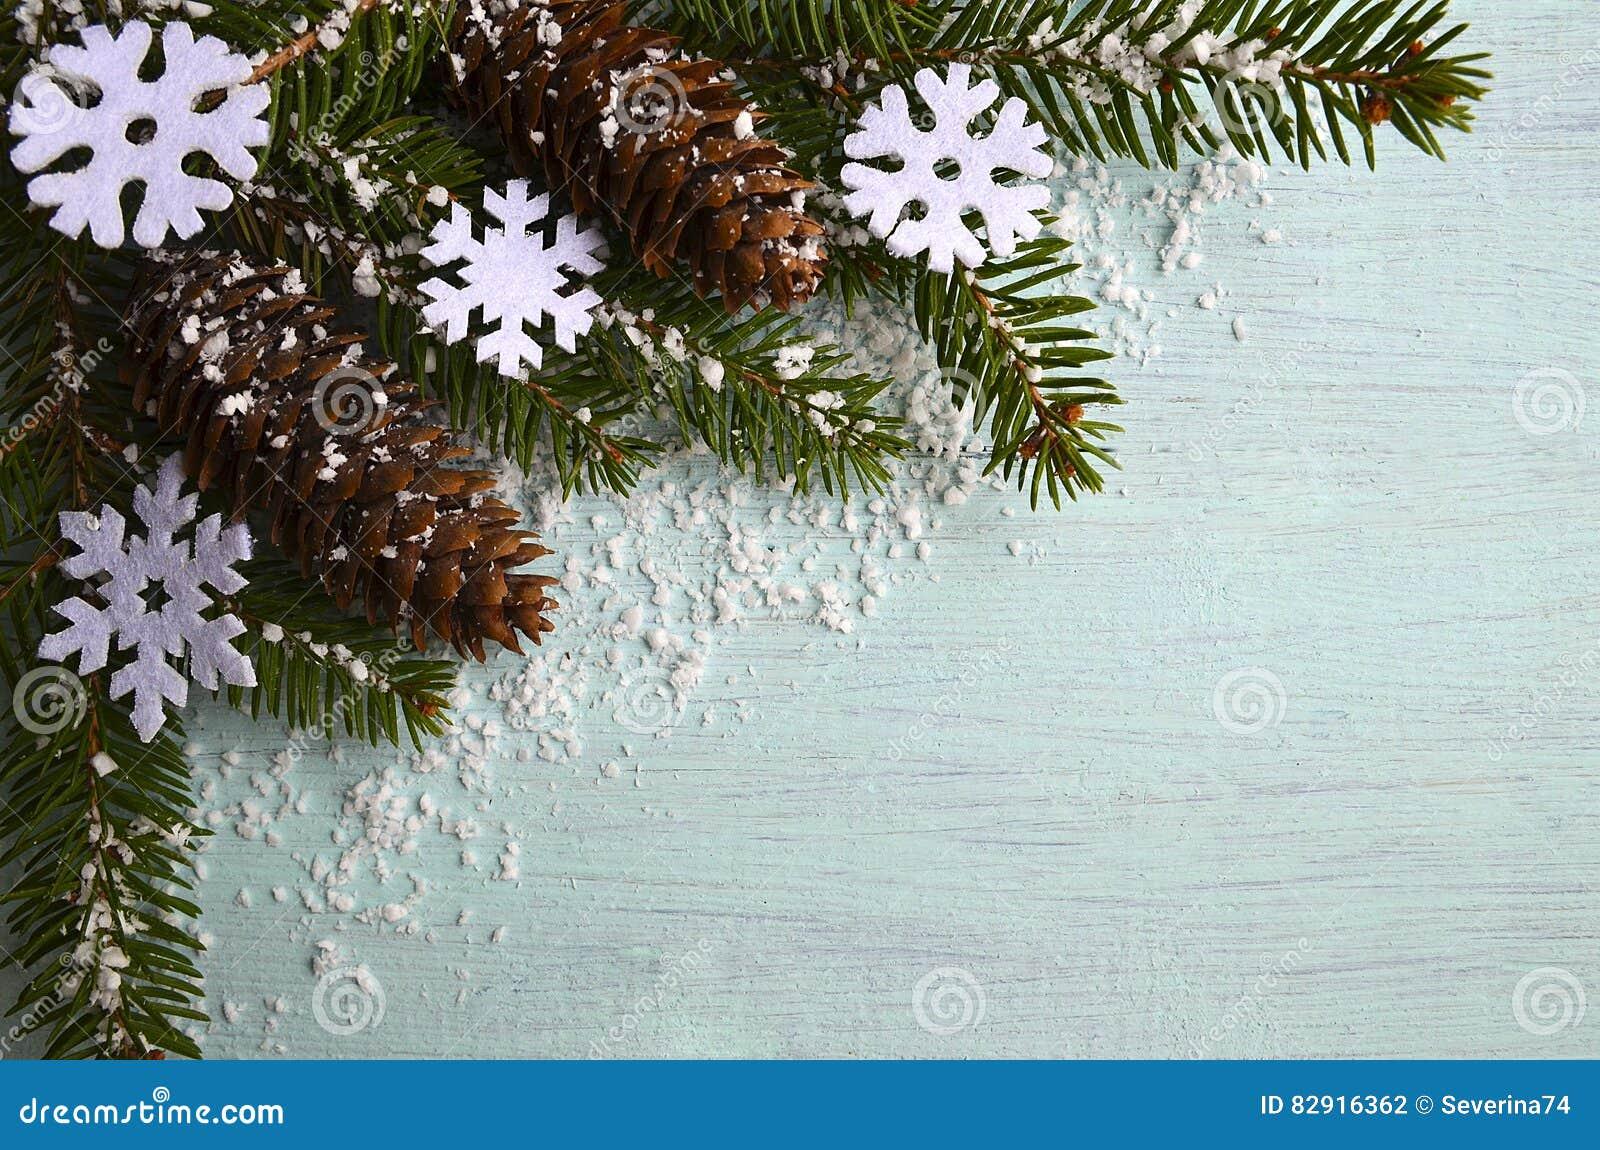 Arbre De Noël Feutre Flocon De Neige Décoration